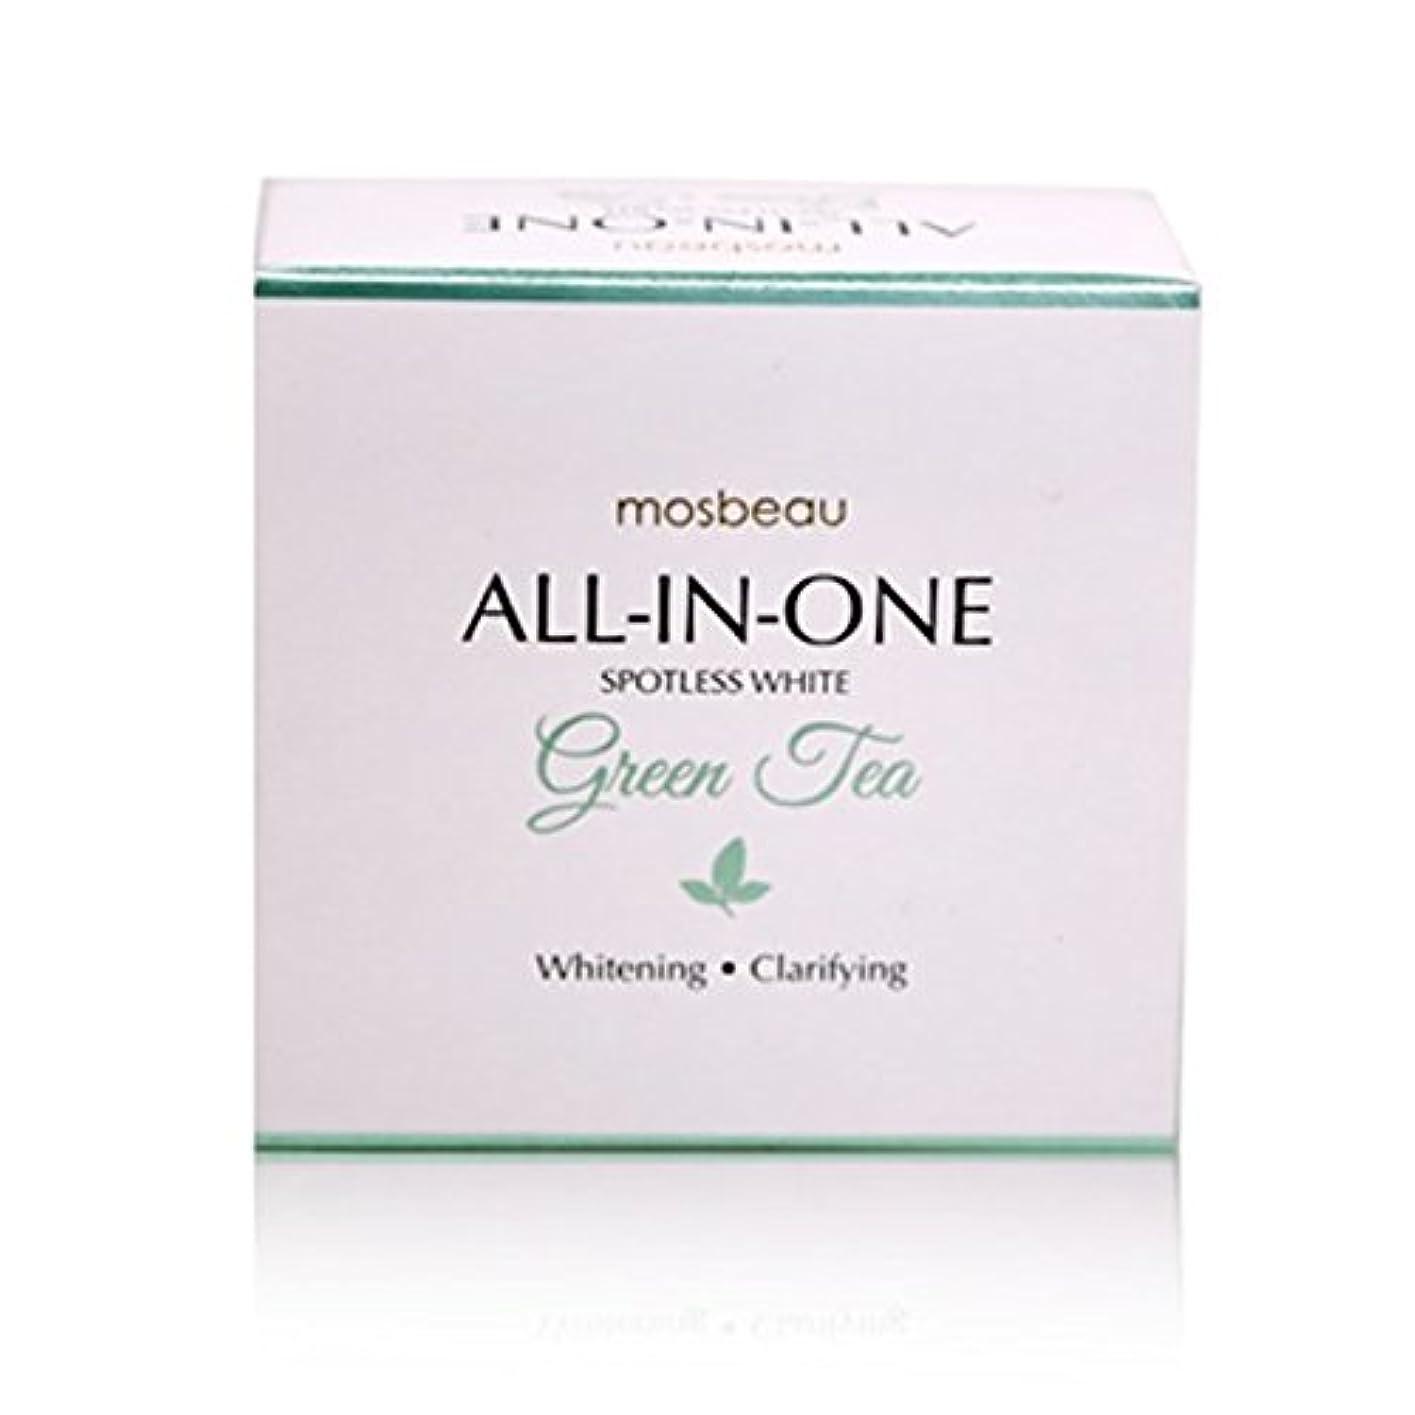 ブランデー補正予感mosbeau Spotless White GREEN TEA Facial Soap 100g モスビュー スポットレス ホワイト グリーンティー フェイシャル ソープ